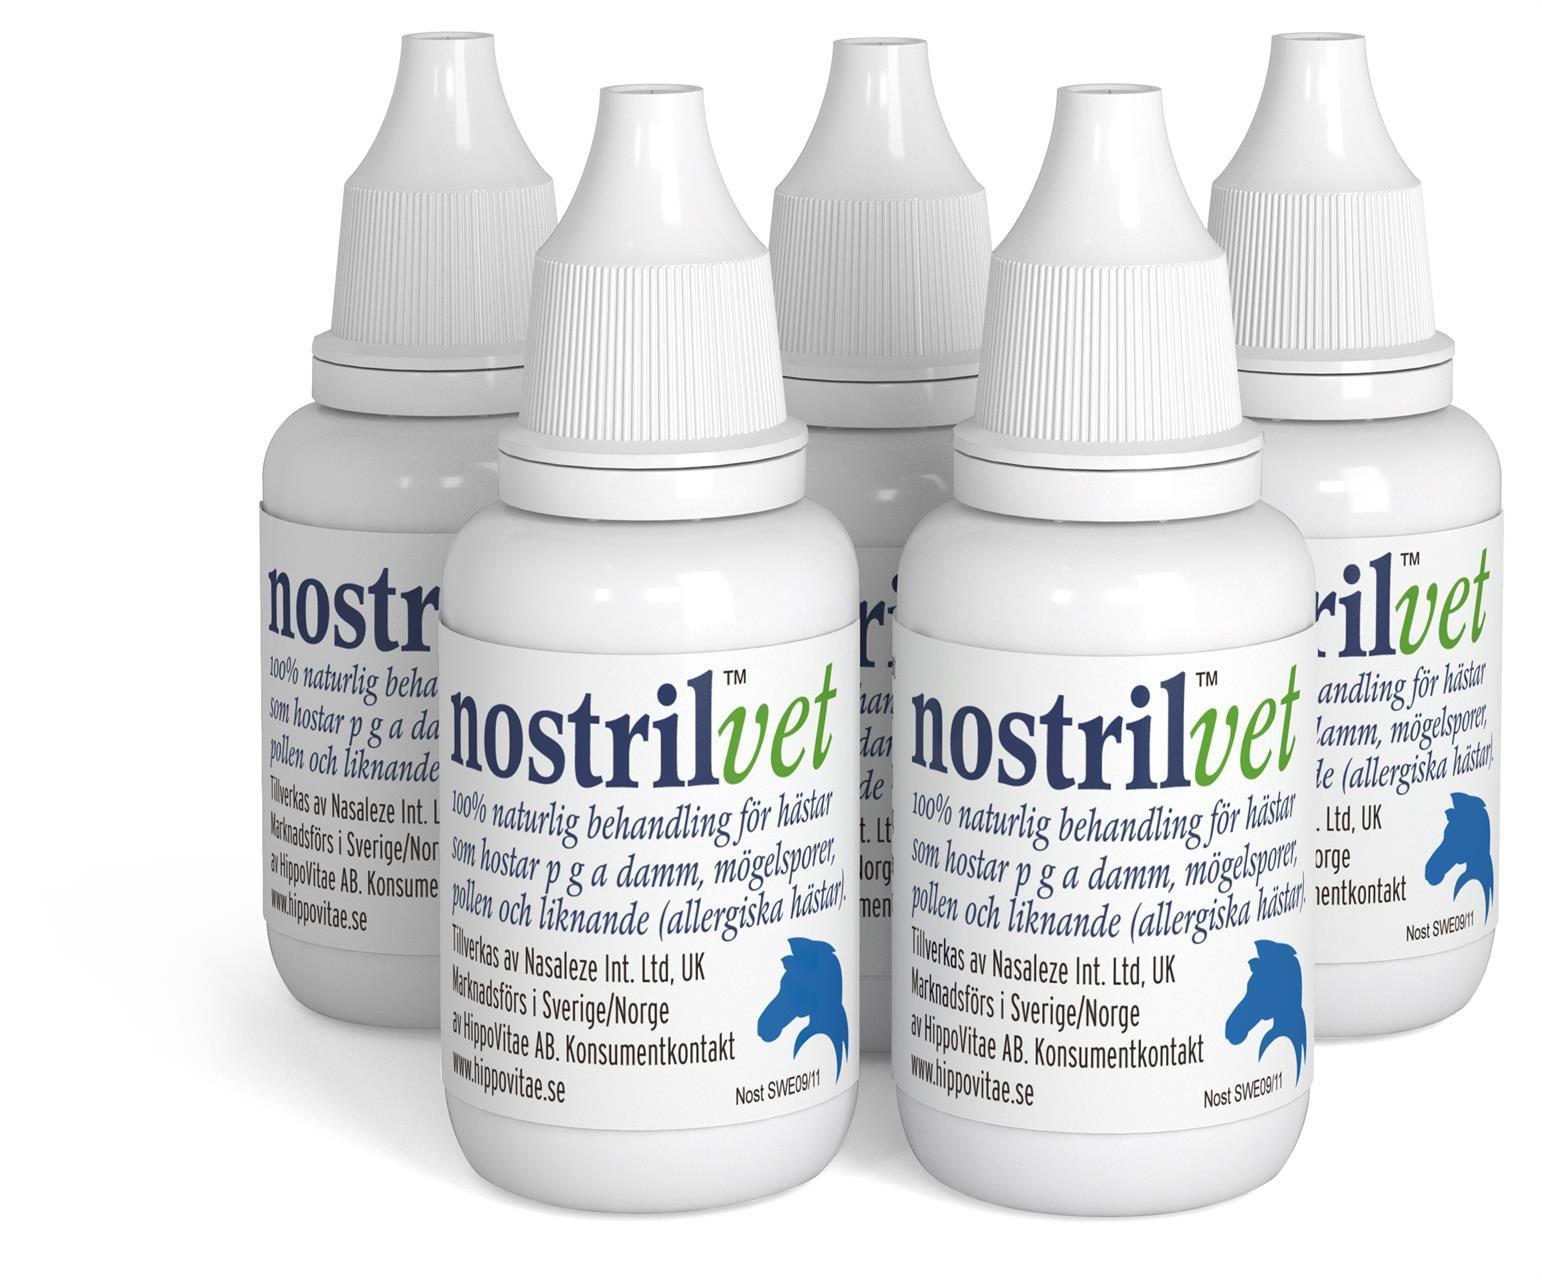 NostrilVet